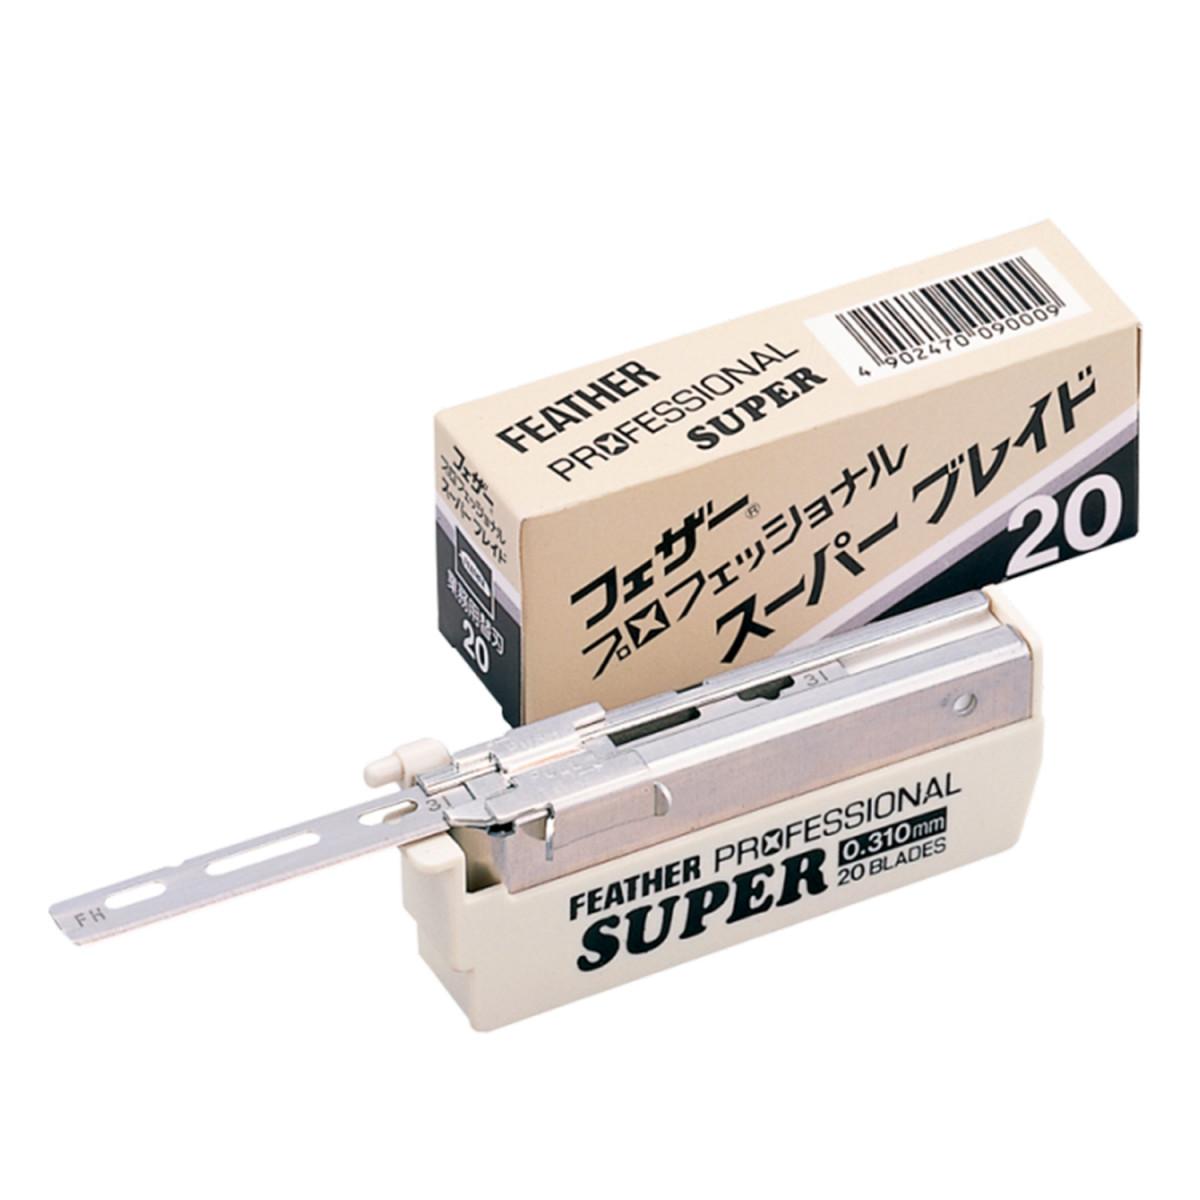 Сменные лезвия Feather Professional Super, SE, 20шт